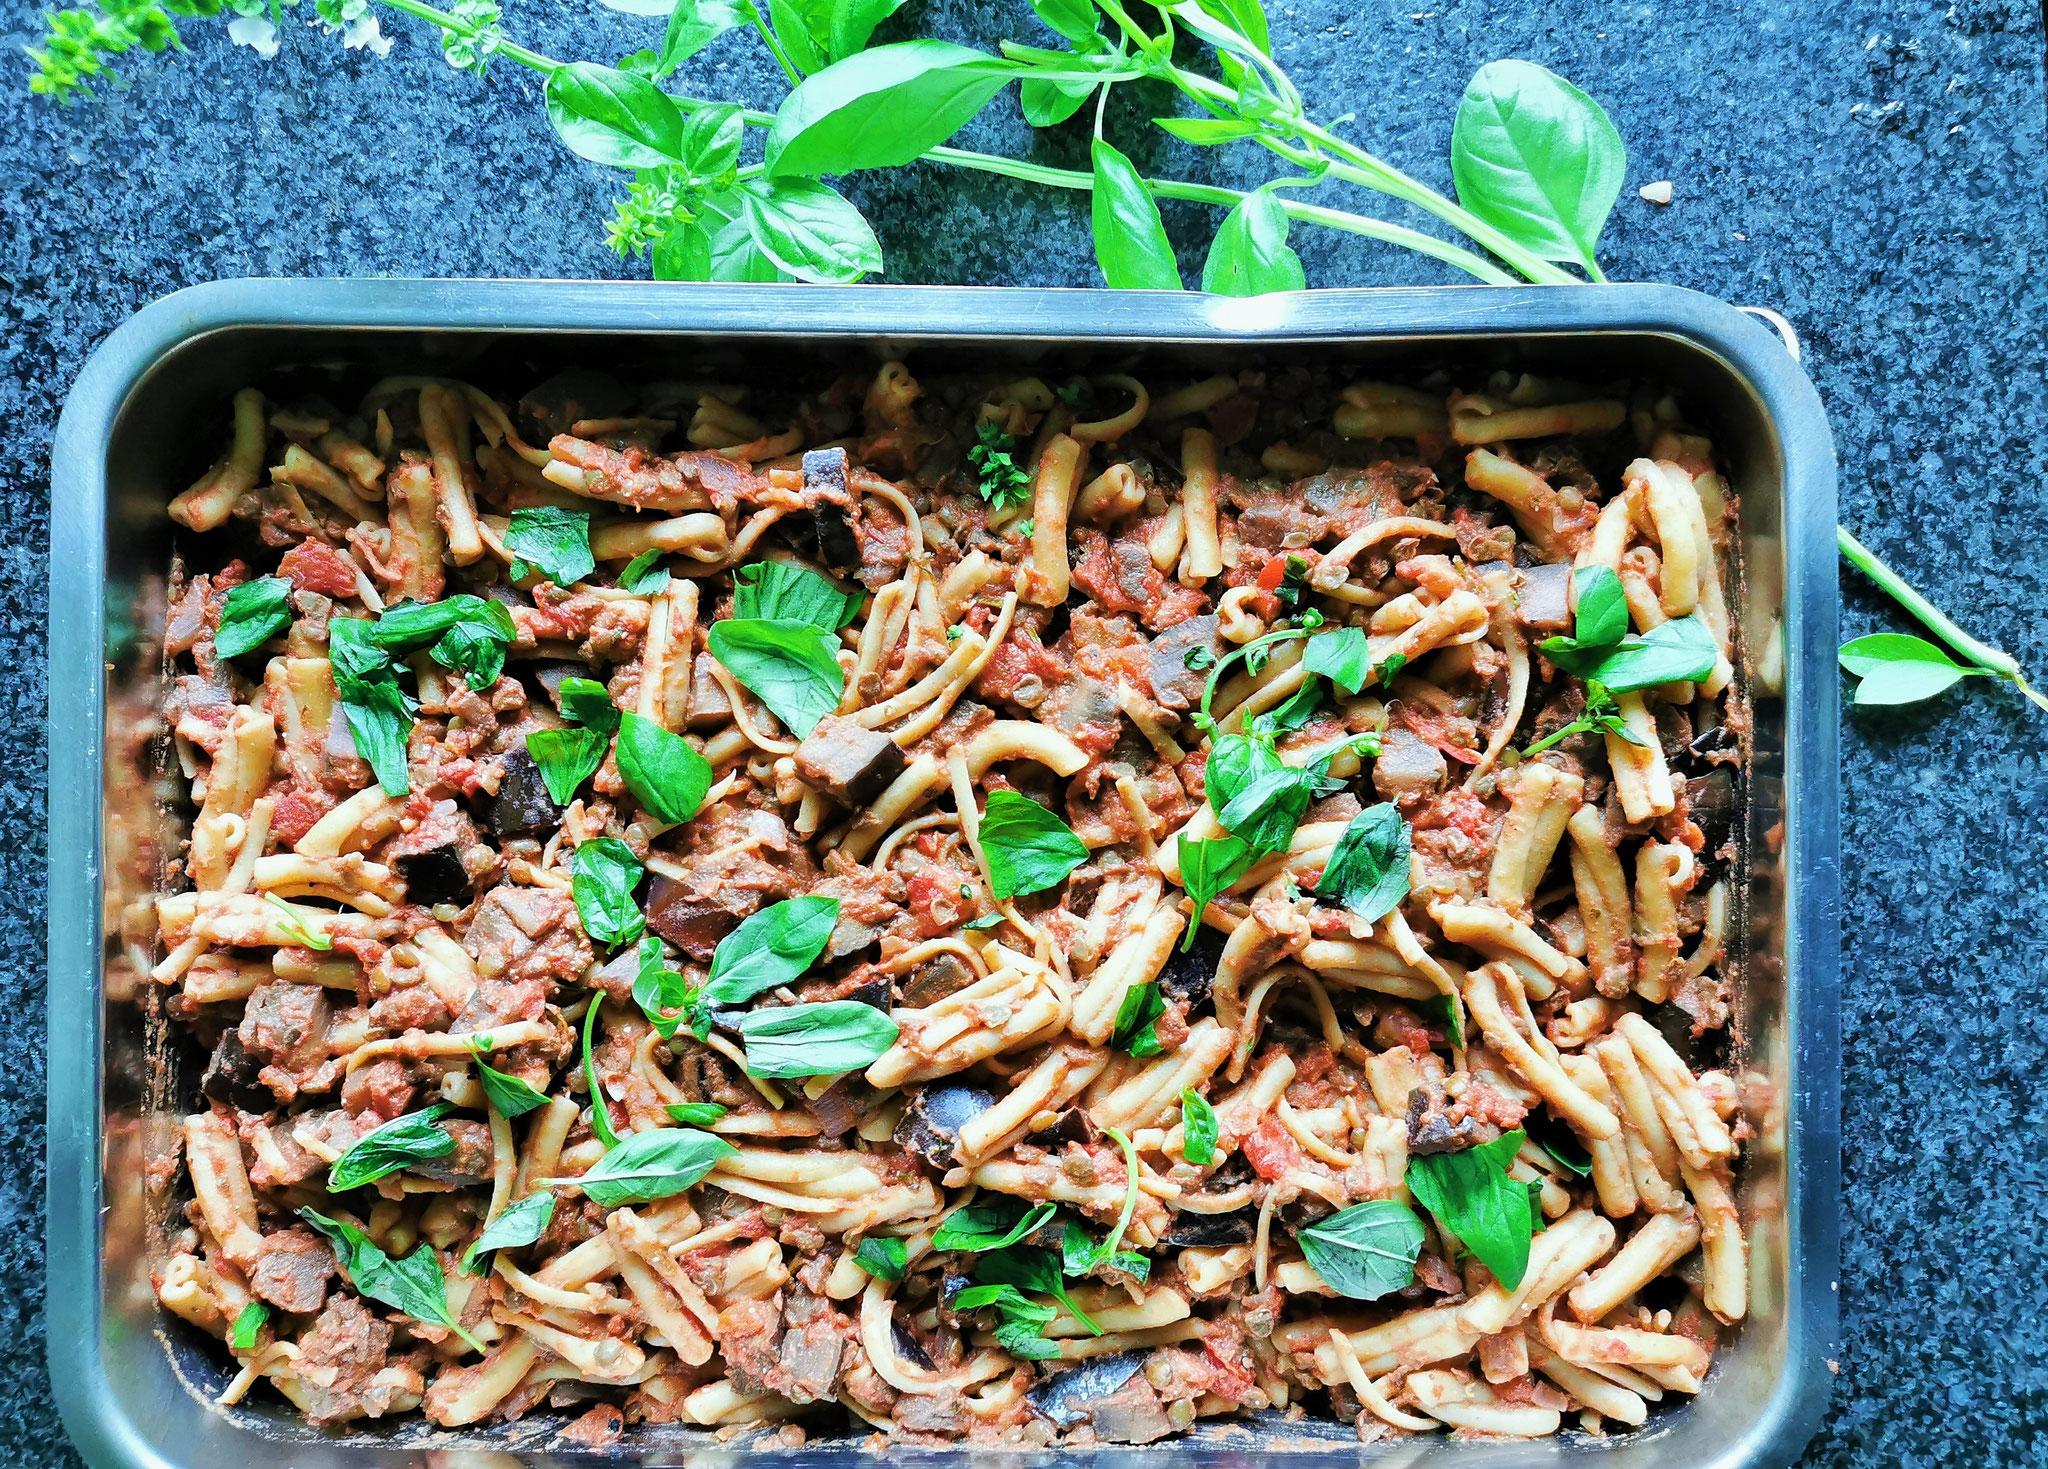 Nudeln mit der Sauce vermengen und in eine Auflaufform geben